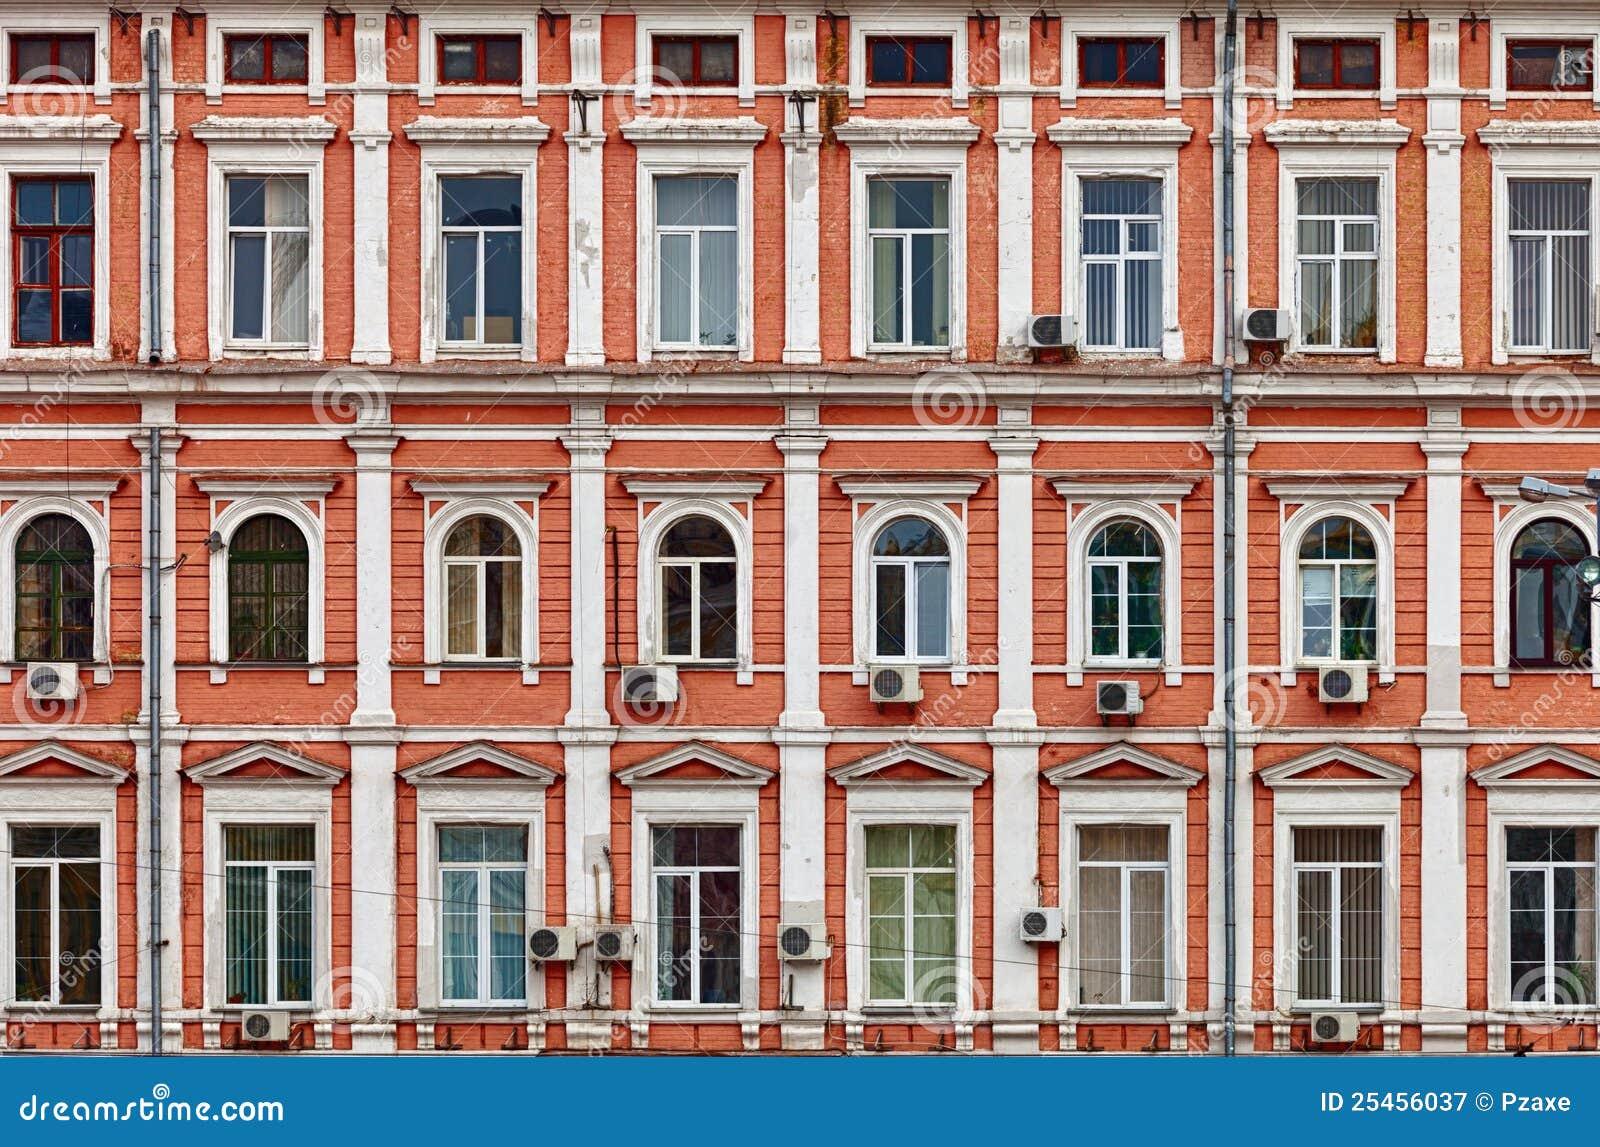 Facciata di una casa vecchia architettura fotografia - Facciata di una casa ...